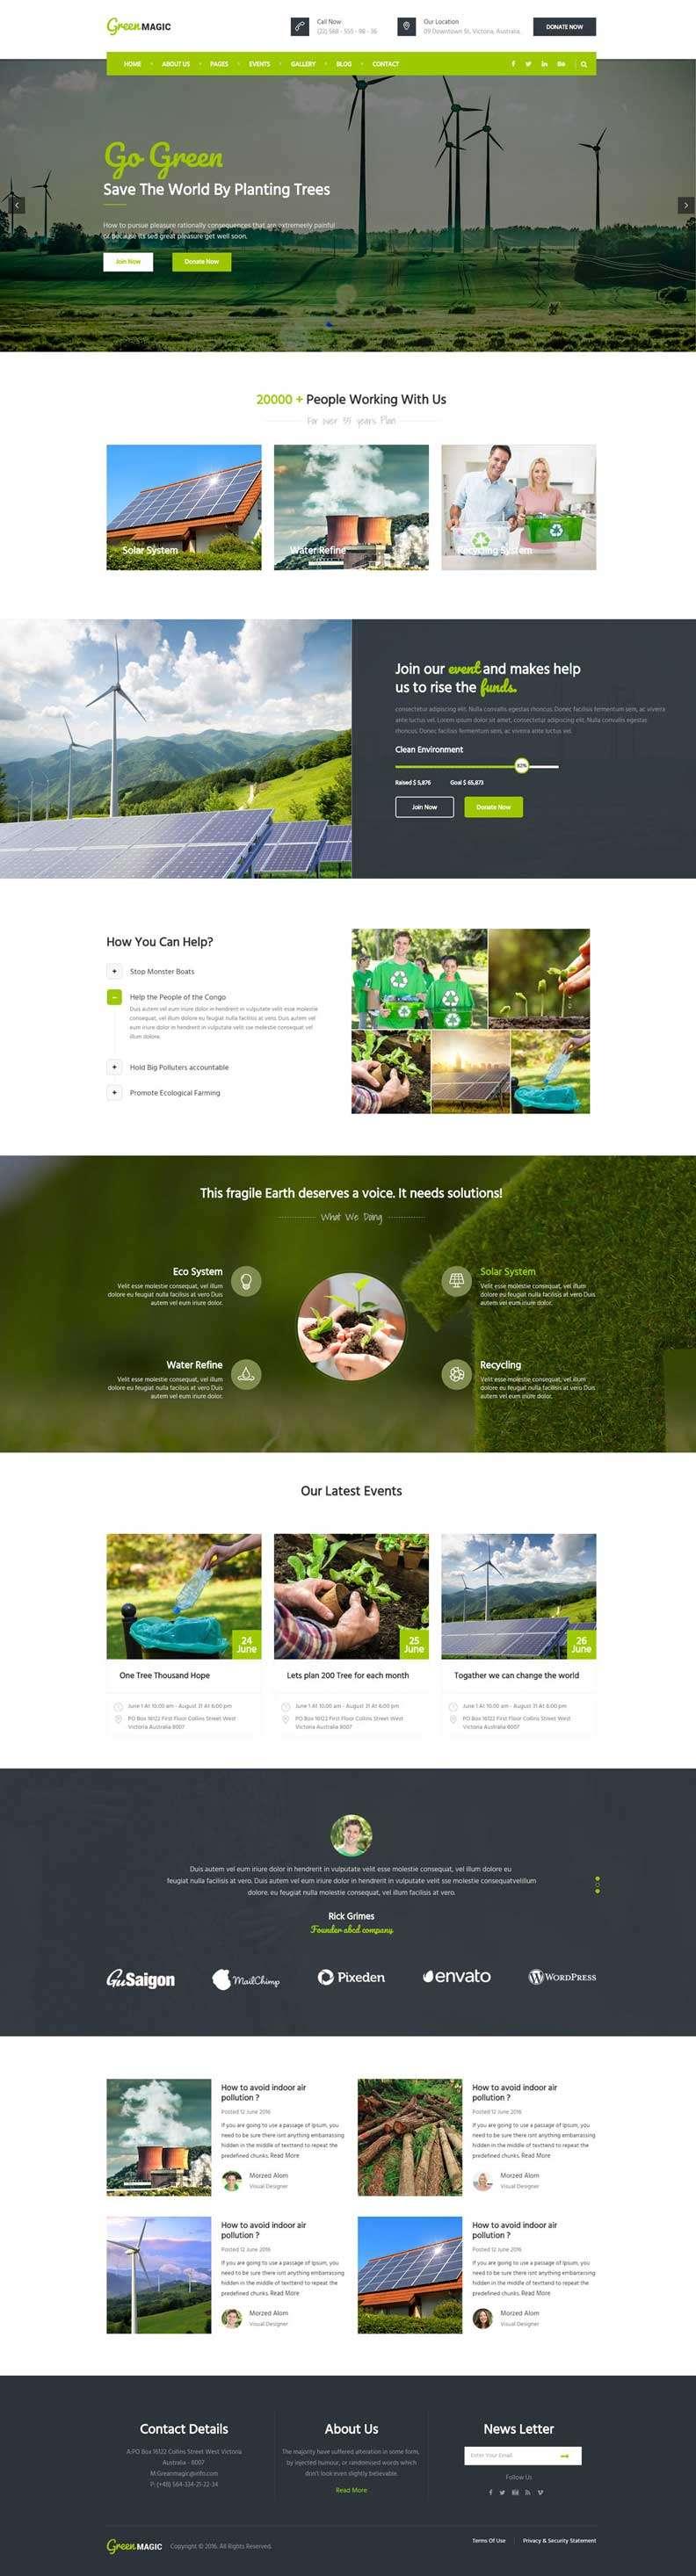 绿色宽屏的节能环保公益宣传网站模板